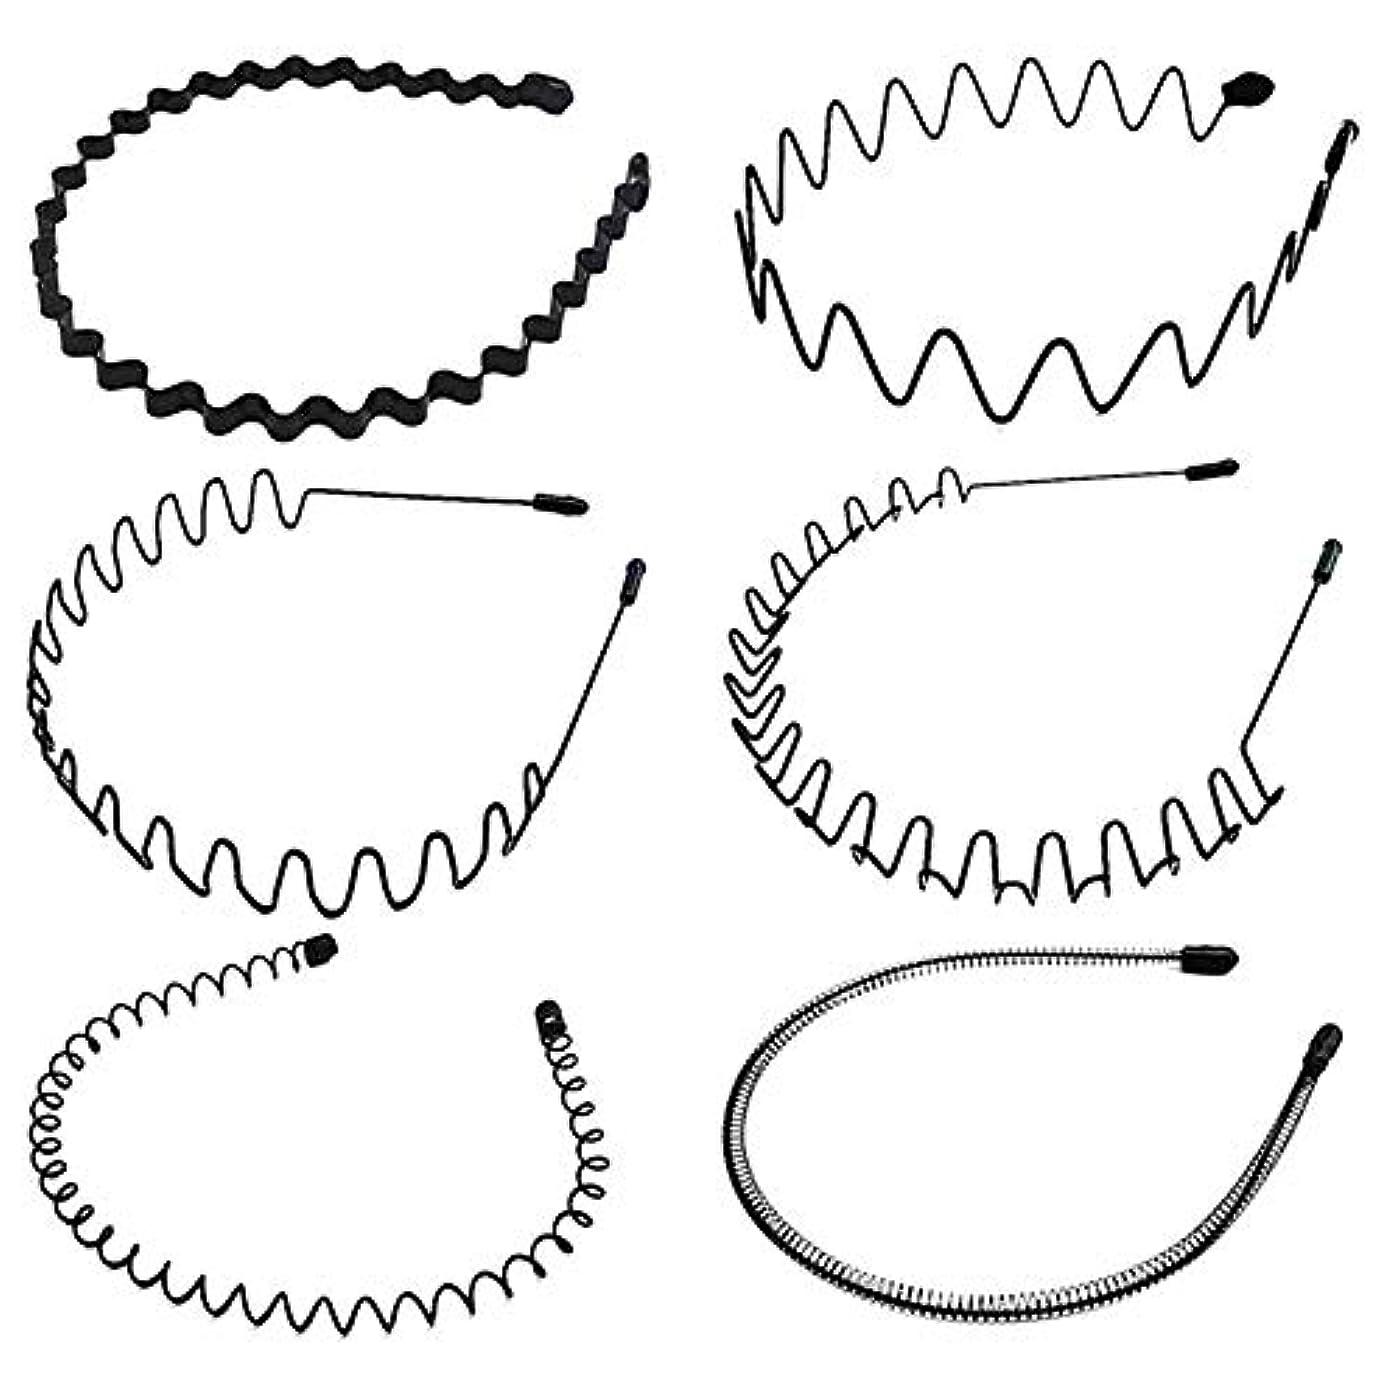 ブランク意図するプレゼントシンプル ウェーブ カチューシャ 5種類セット ヘアバンド メンズ レディース 男女兼用 髪留め ヘアアクセサリー 黒